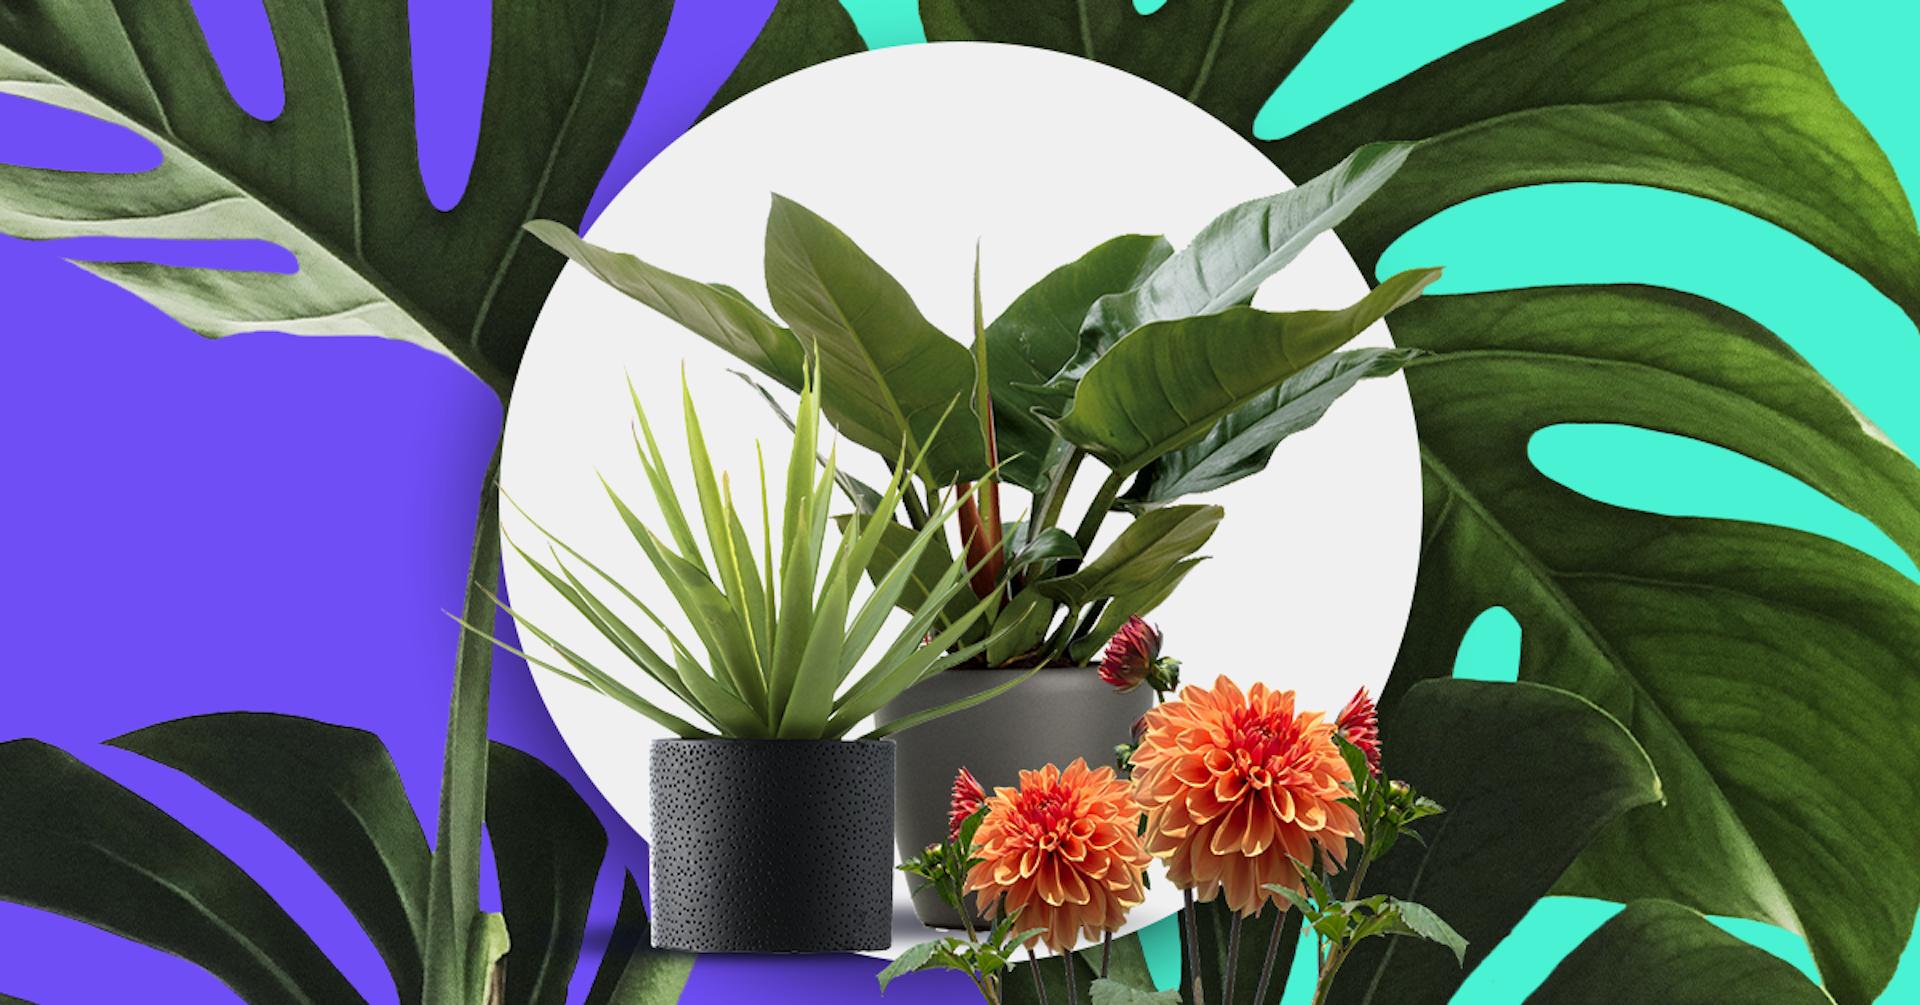 ¿Cómo cuidar las plantas? 10 consejos para que tus plantas crezcan felices